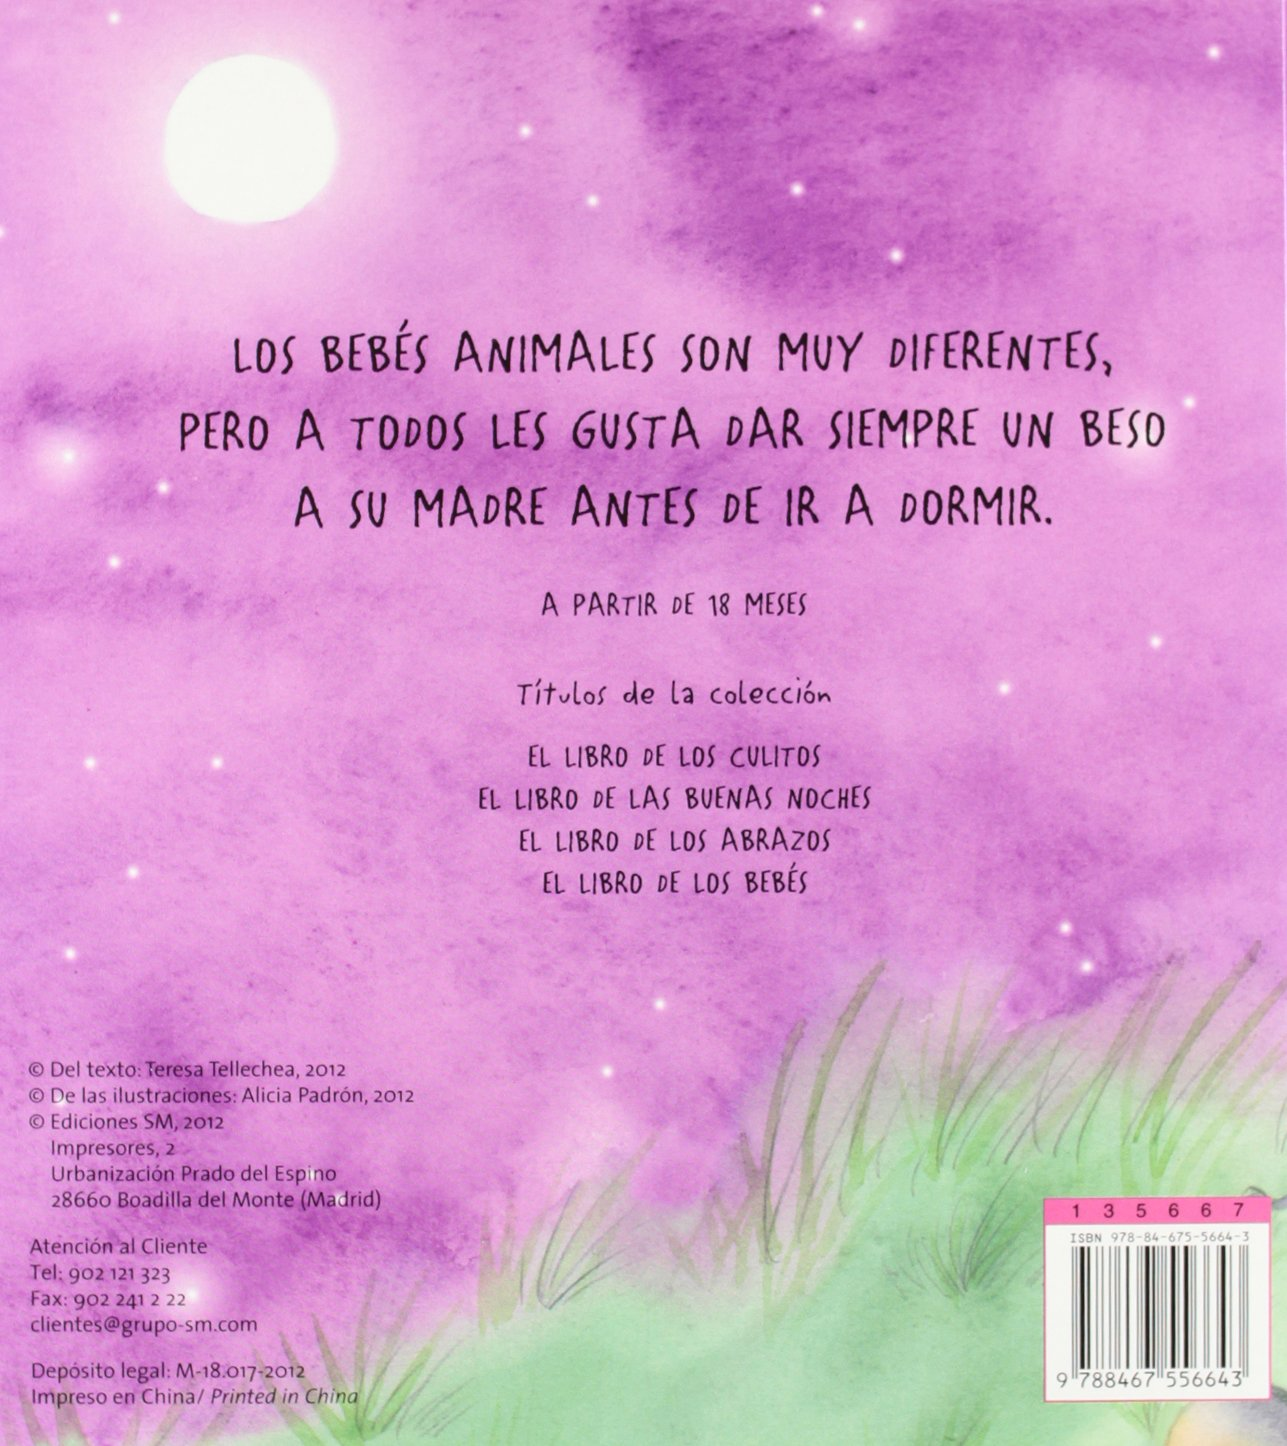 Un beso antes de dormir (Libros de cartón): Amazon.es: Teresa Tellechea,  Alicia Padrón: Libros